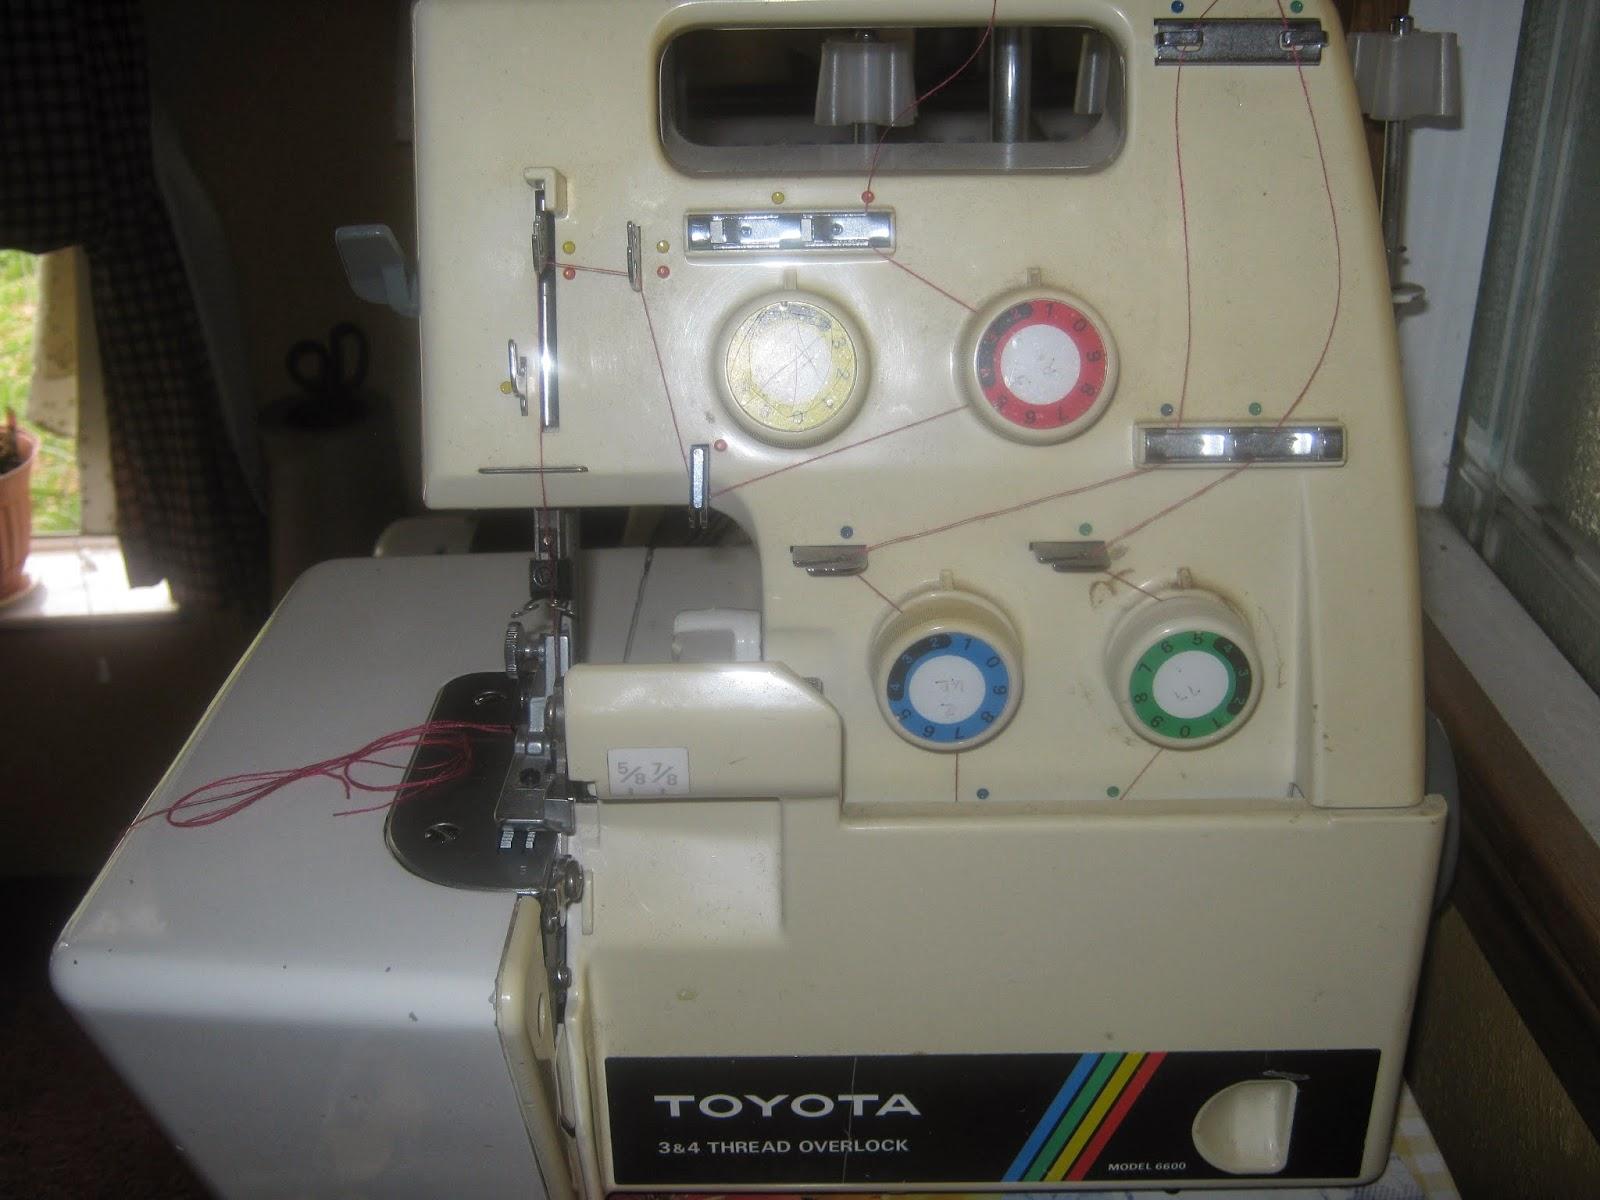 Toyota Server 1984 www.sewplus.blogspot.com